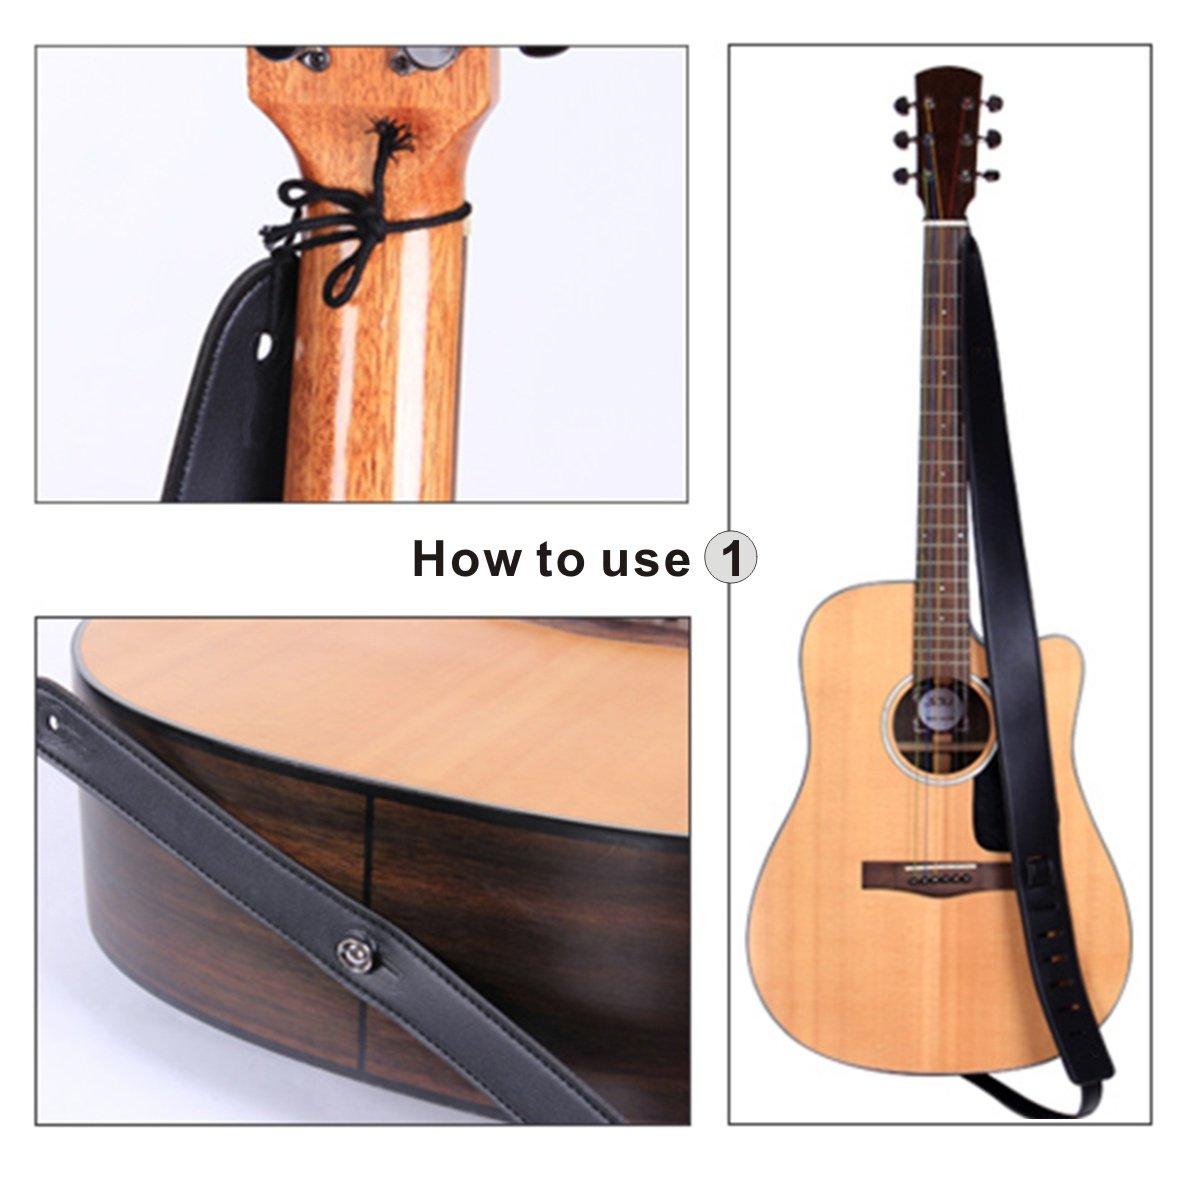 nero Basso classico Tracolla per chitarra Tracolla per chitarra elettrica per chitarra elettrica // acustica // basso